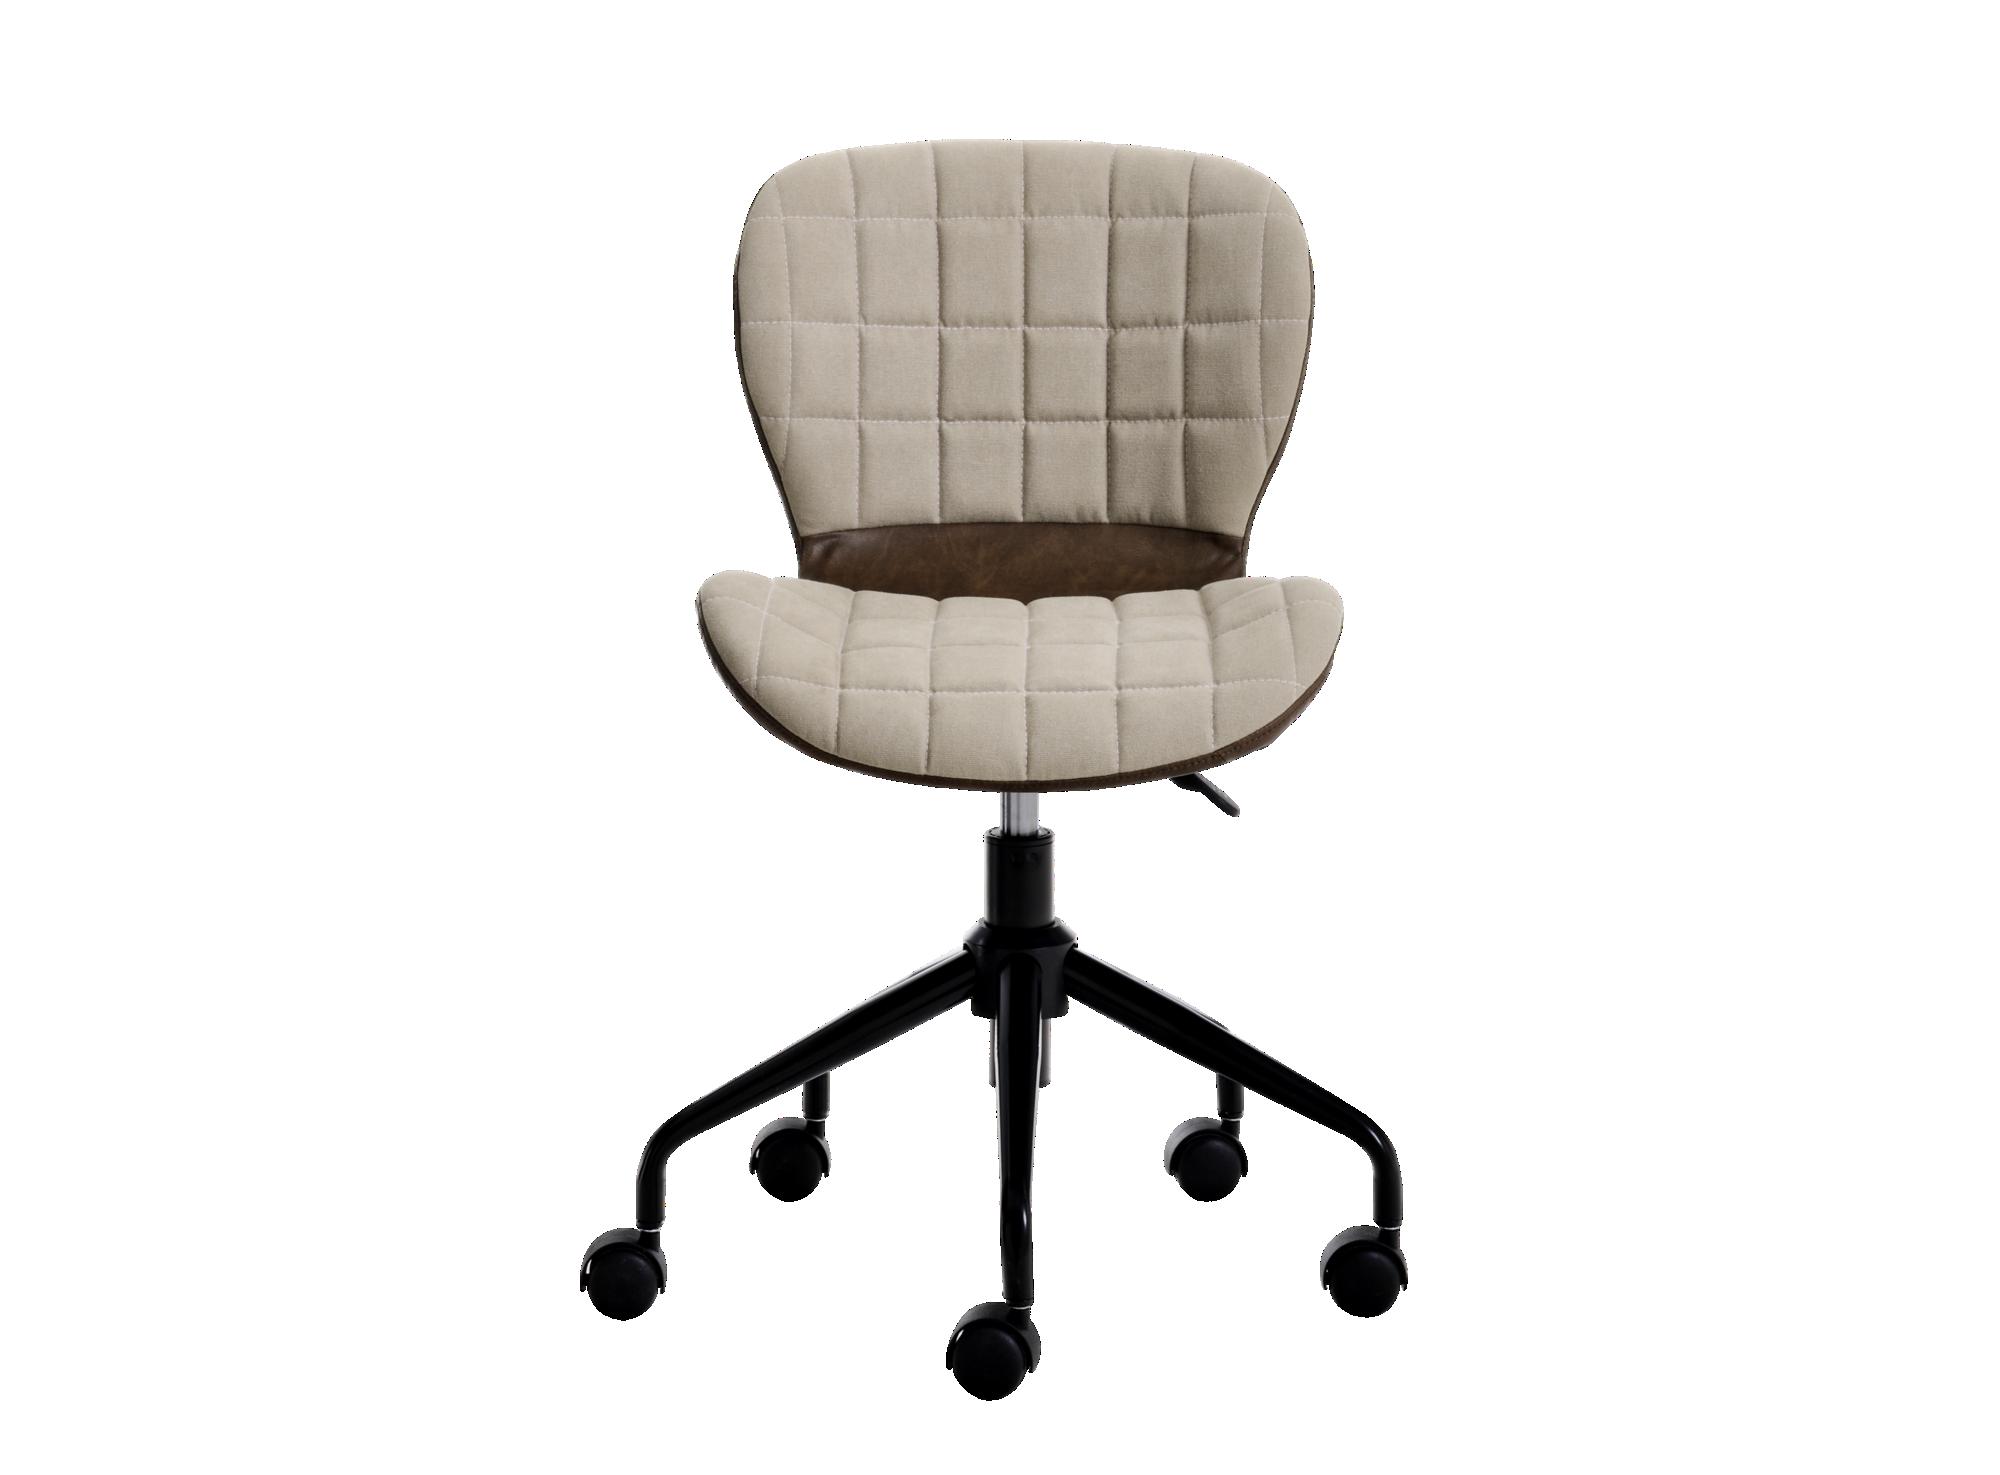 Chaise de bureau beige/marron pietement en fer finition laque epoxy c ...